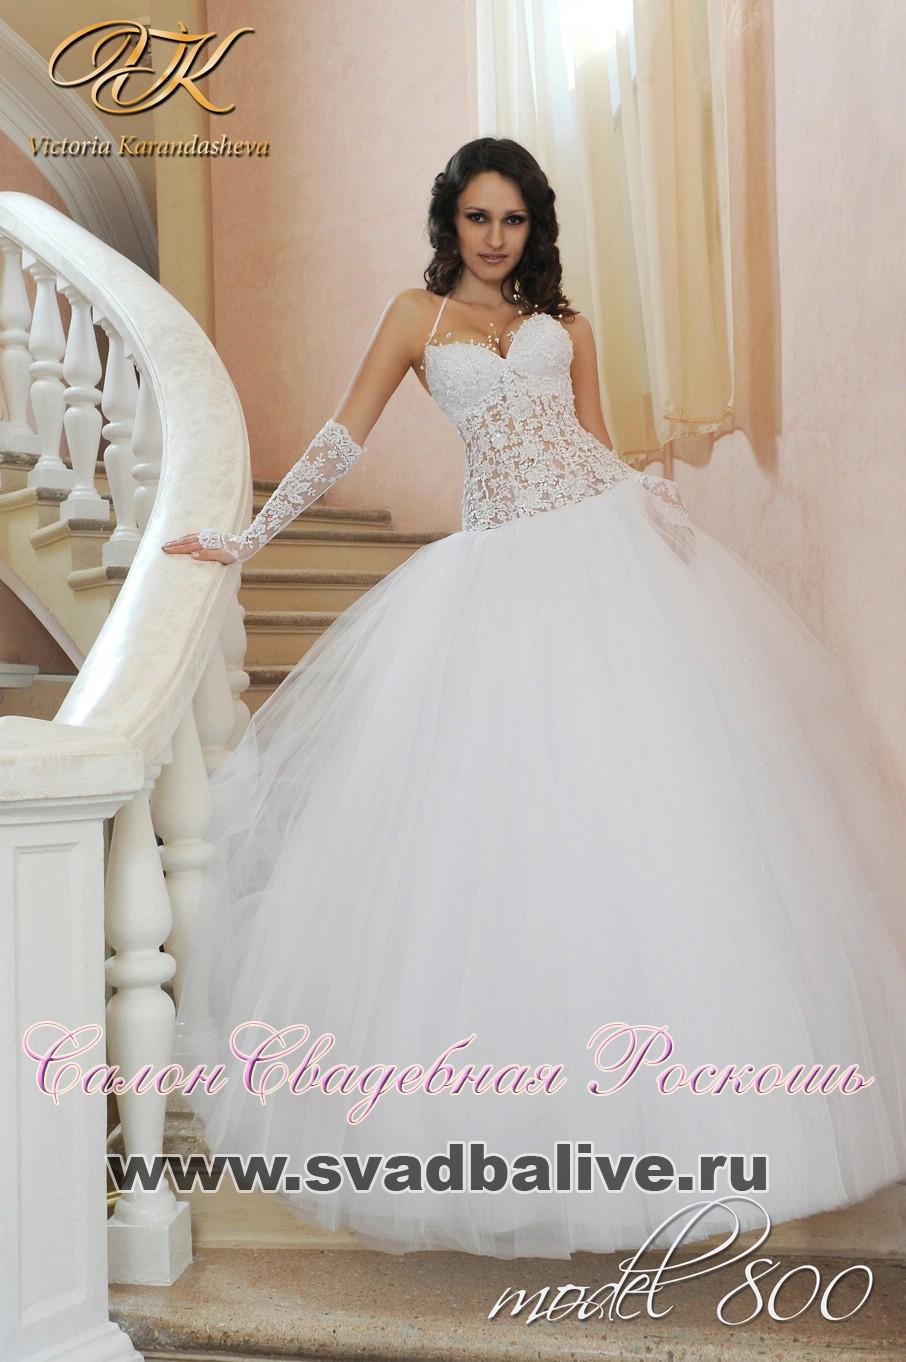 Свадебные платья Все платья Новые , распродажа коллекции.  Для записи на примерку звоните 050 344 56 76 Евгения.